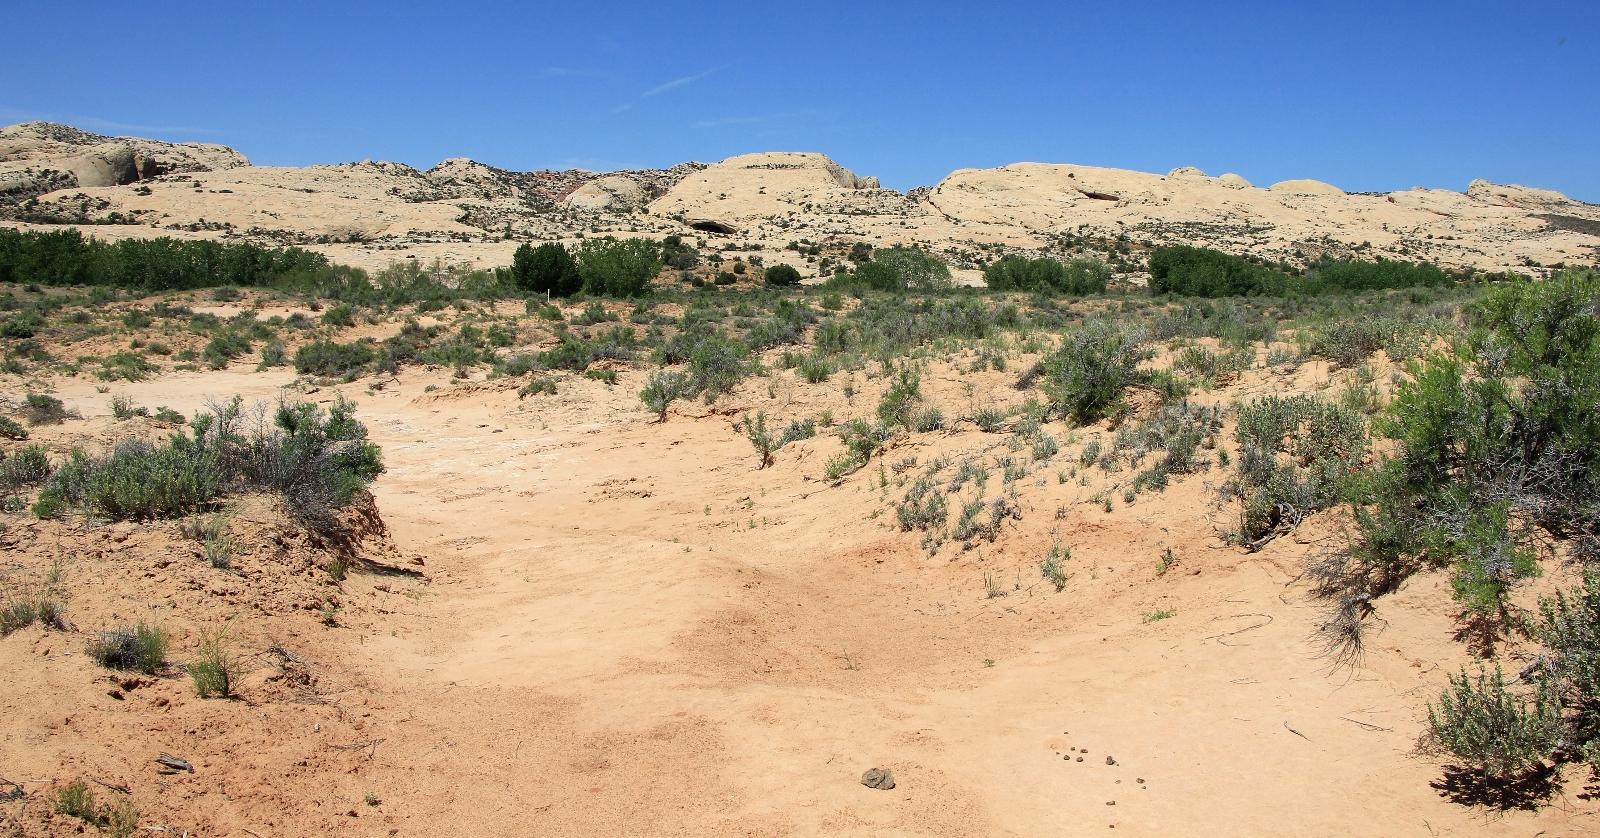 05-11-15 Comb Ridge explorations (88)